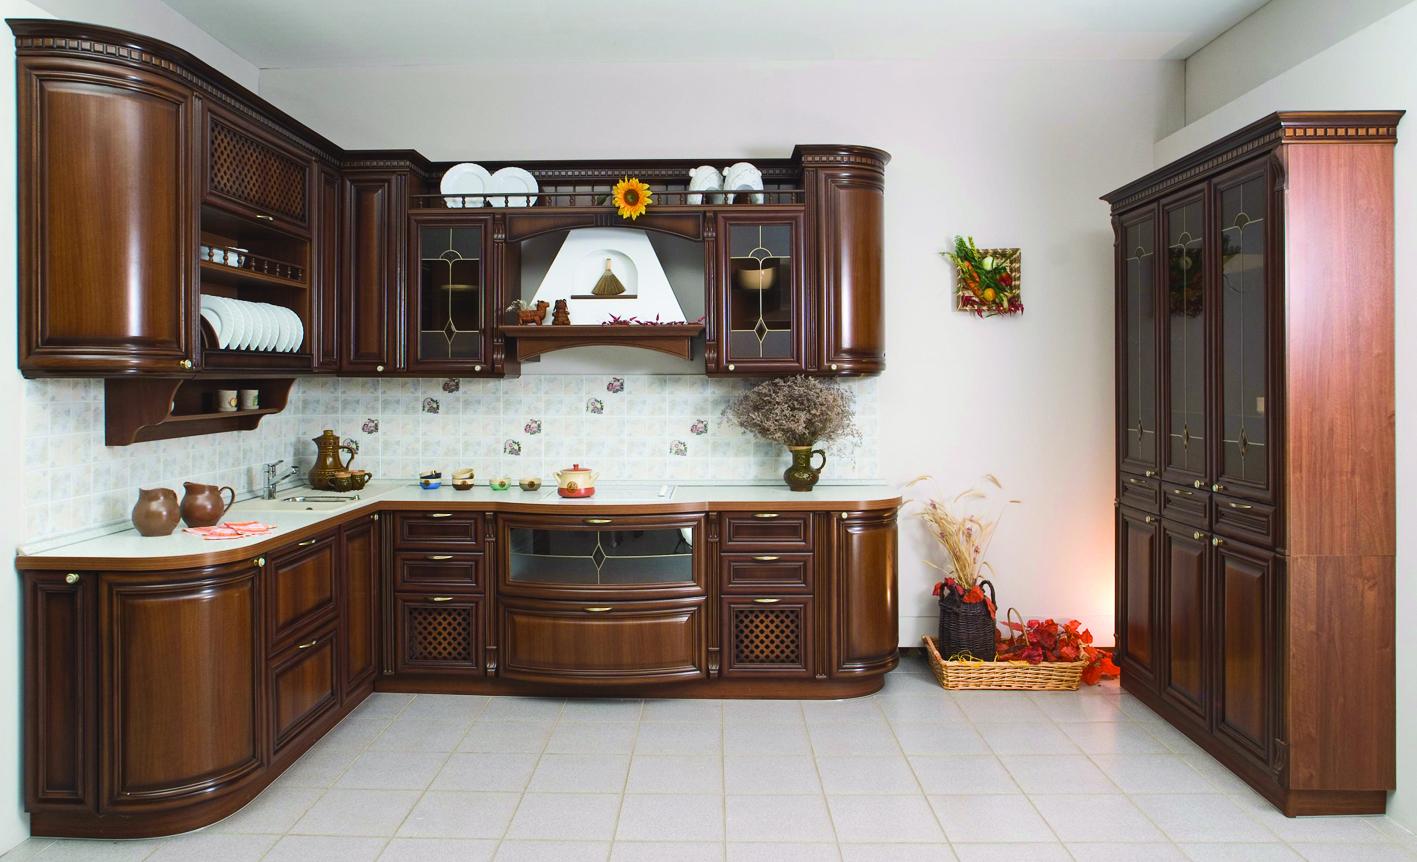 Кухонный гарнитур из темного дерева в классическом стиле